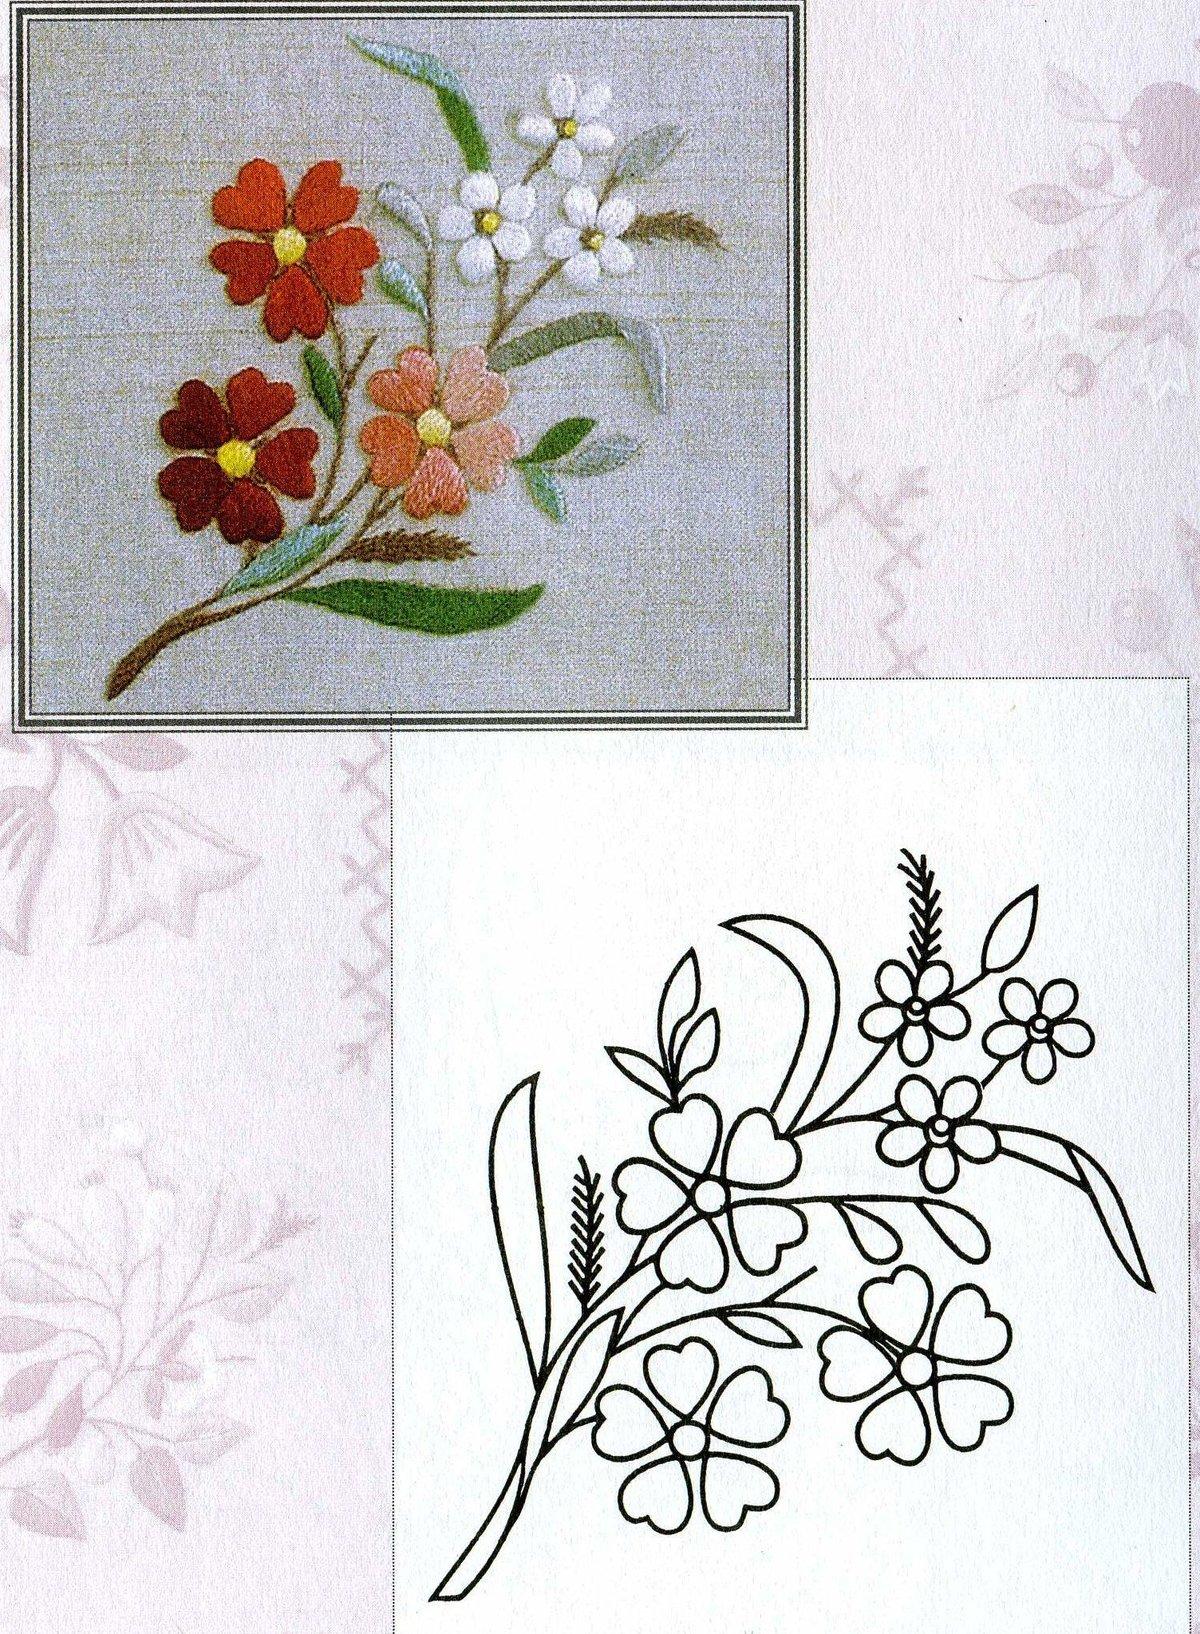 врач рисунки для вышивания картинки на ткани сказать